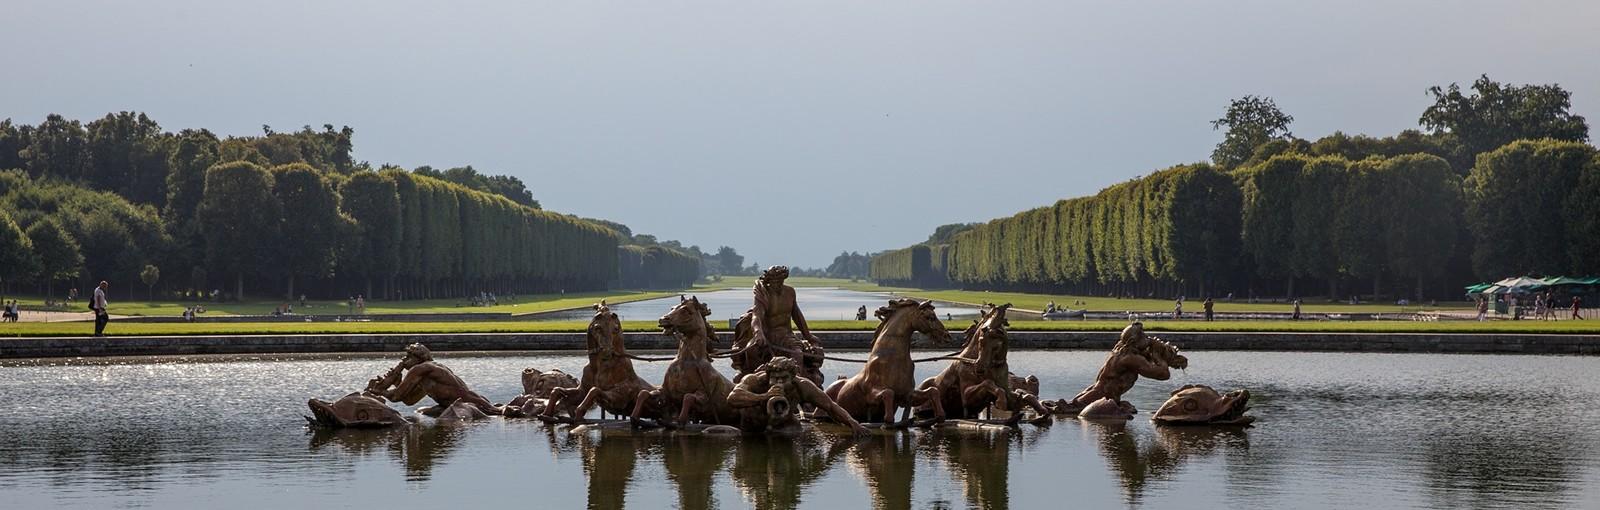 Tours Versalles día completo en privado - Días completos - Excursiones desde París